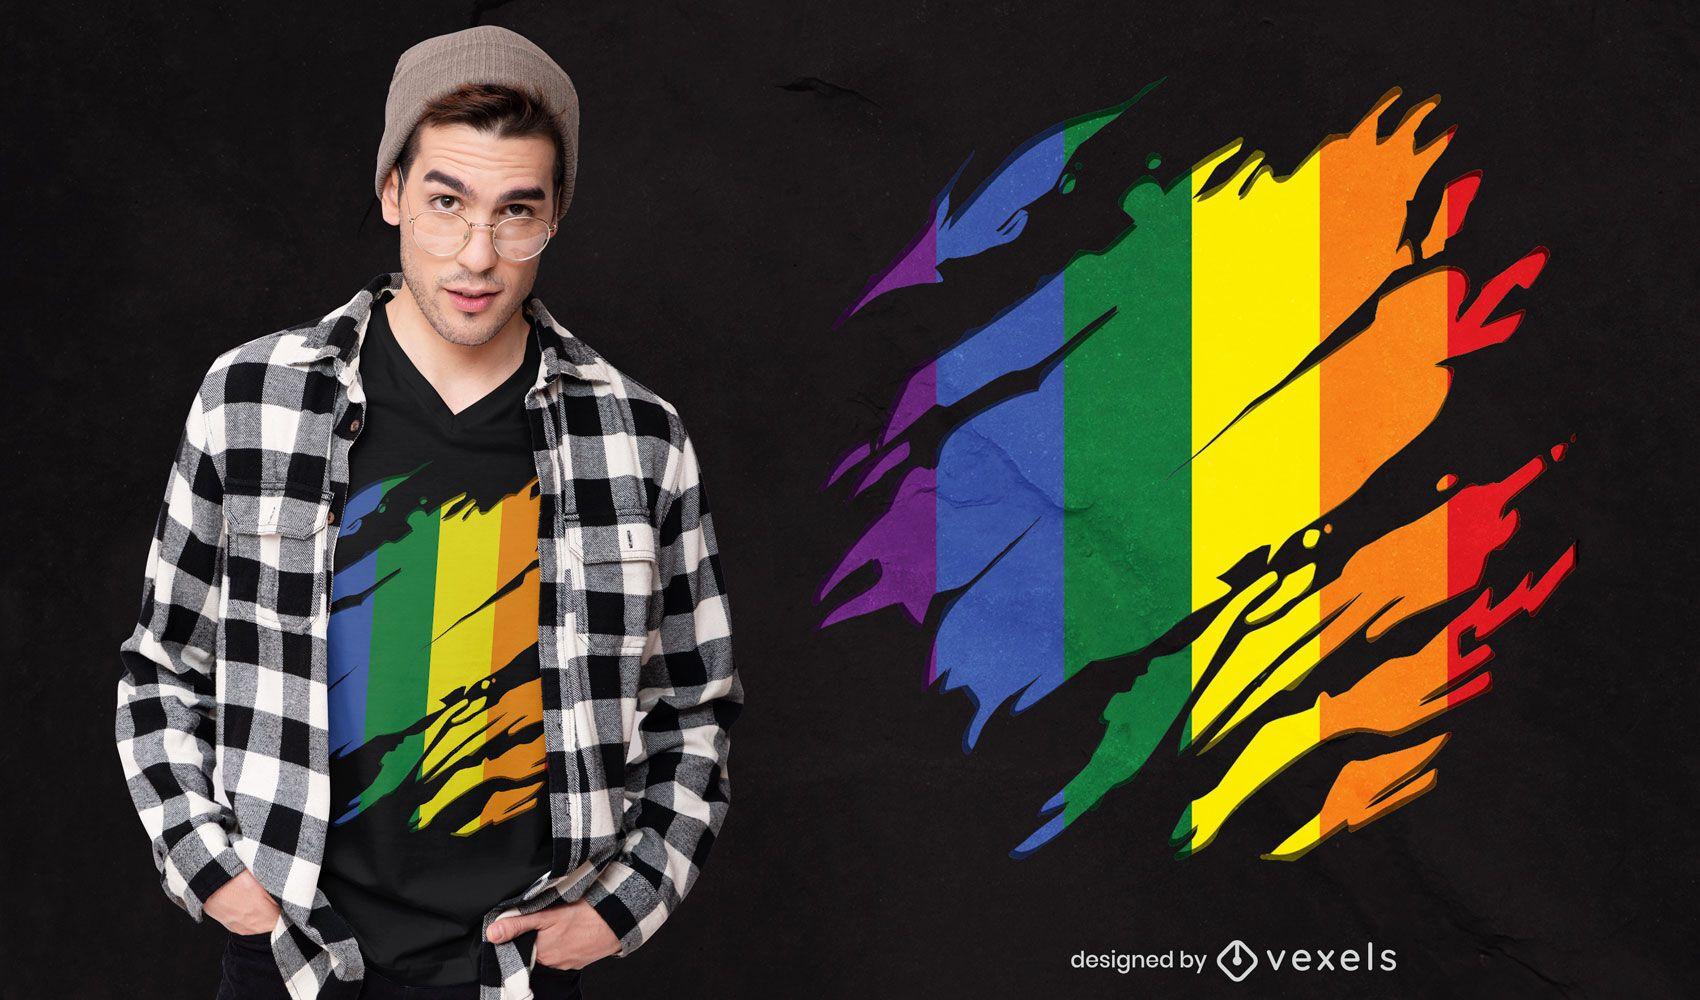 Diseño de camiseta rayada con bandera lgtb